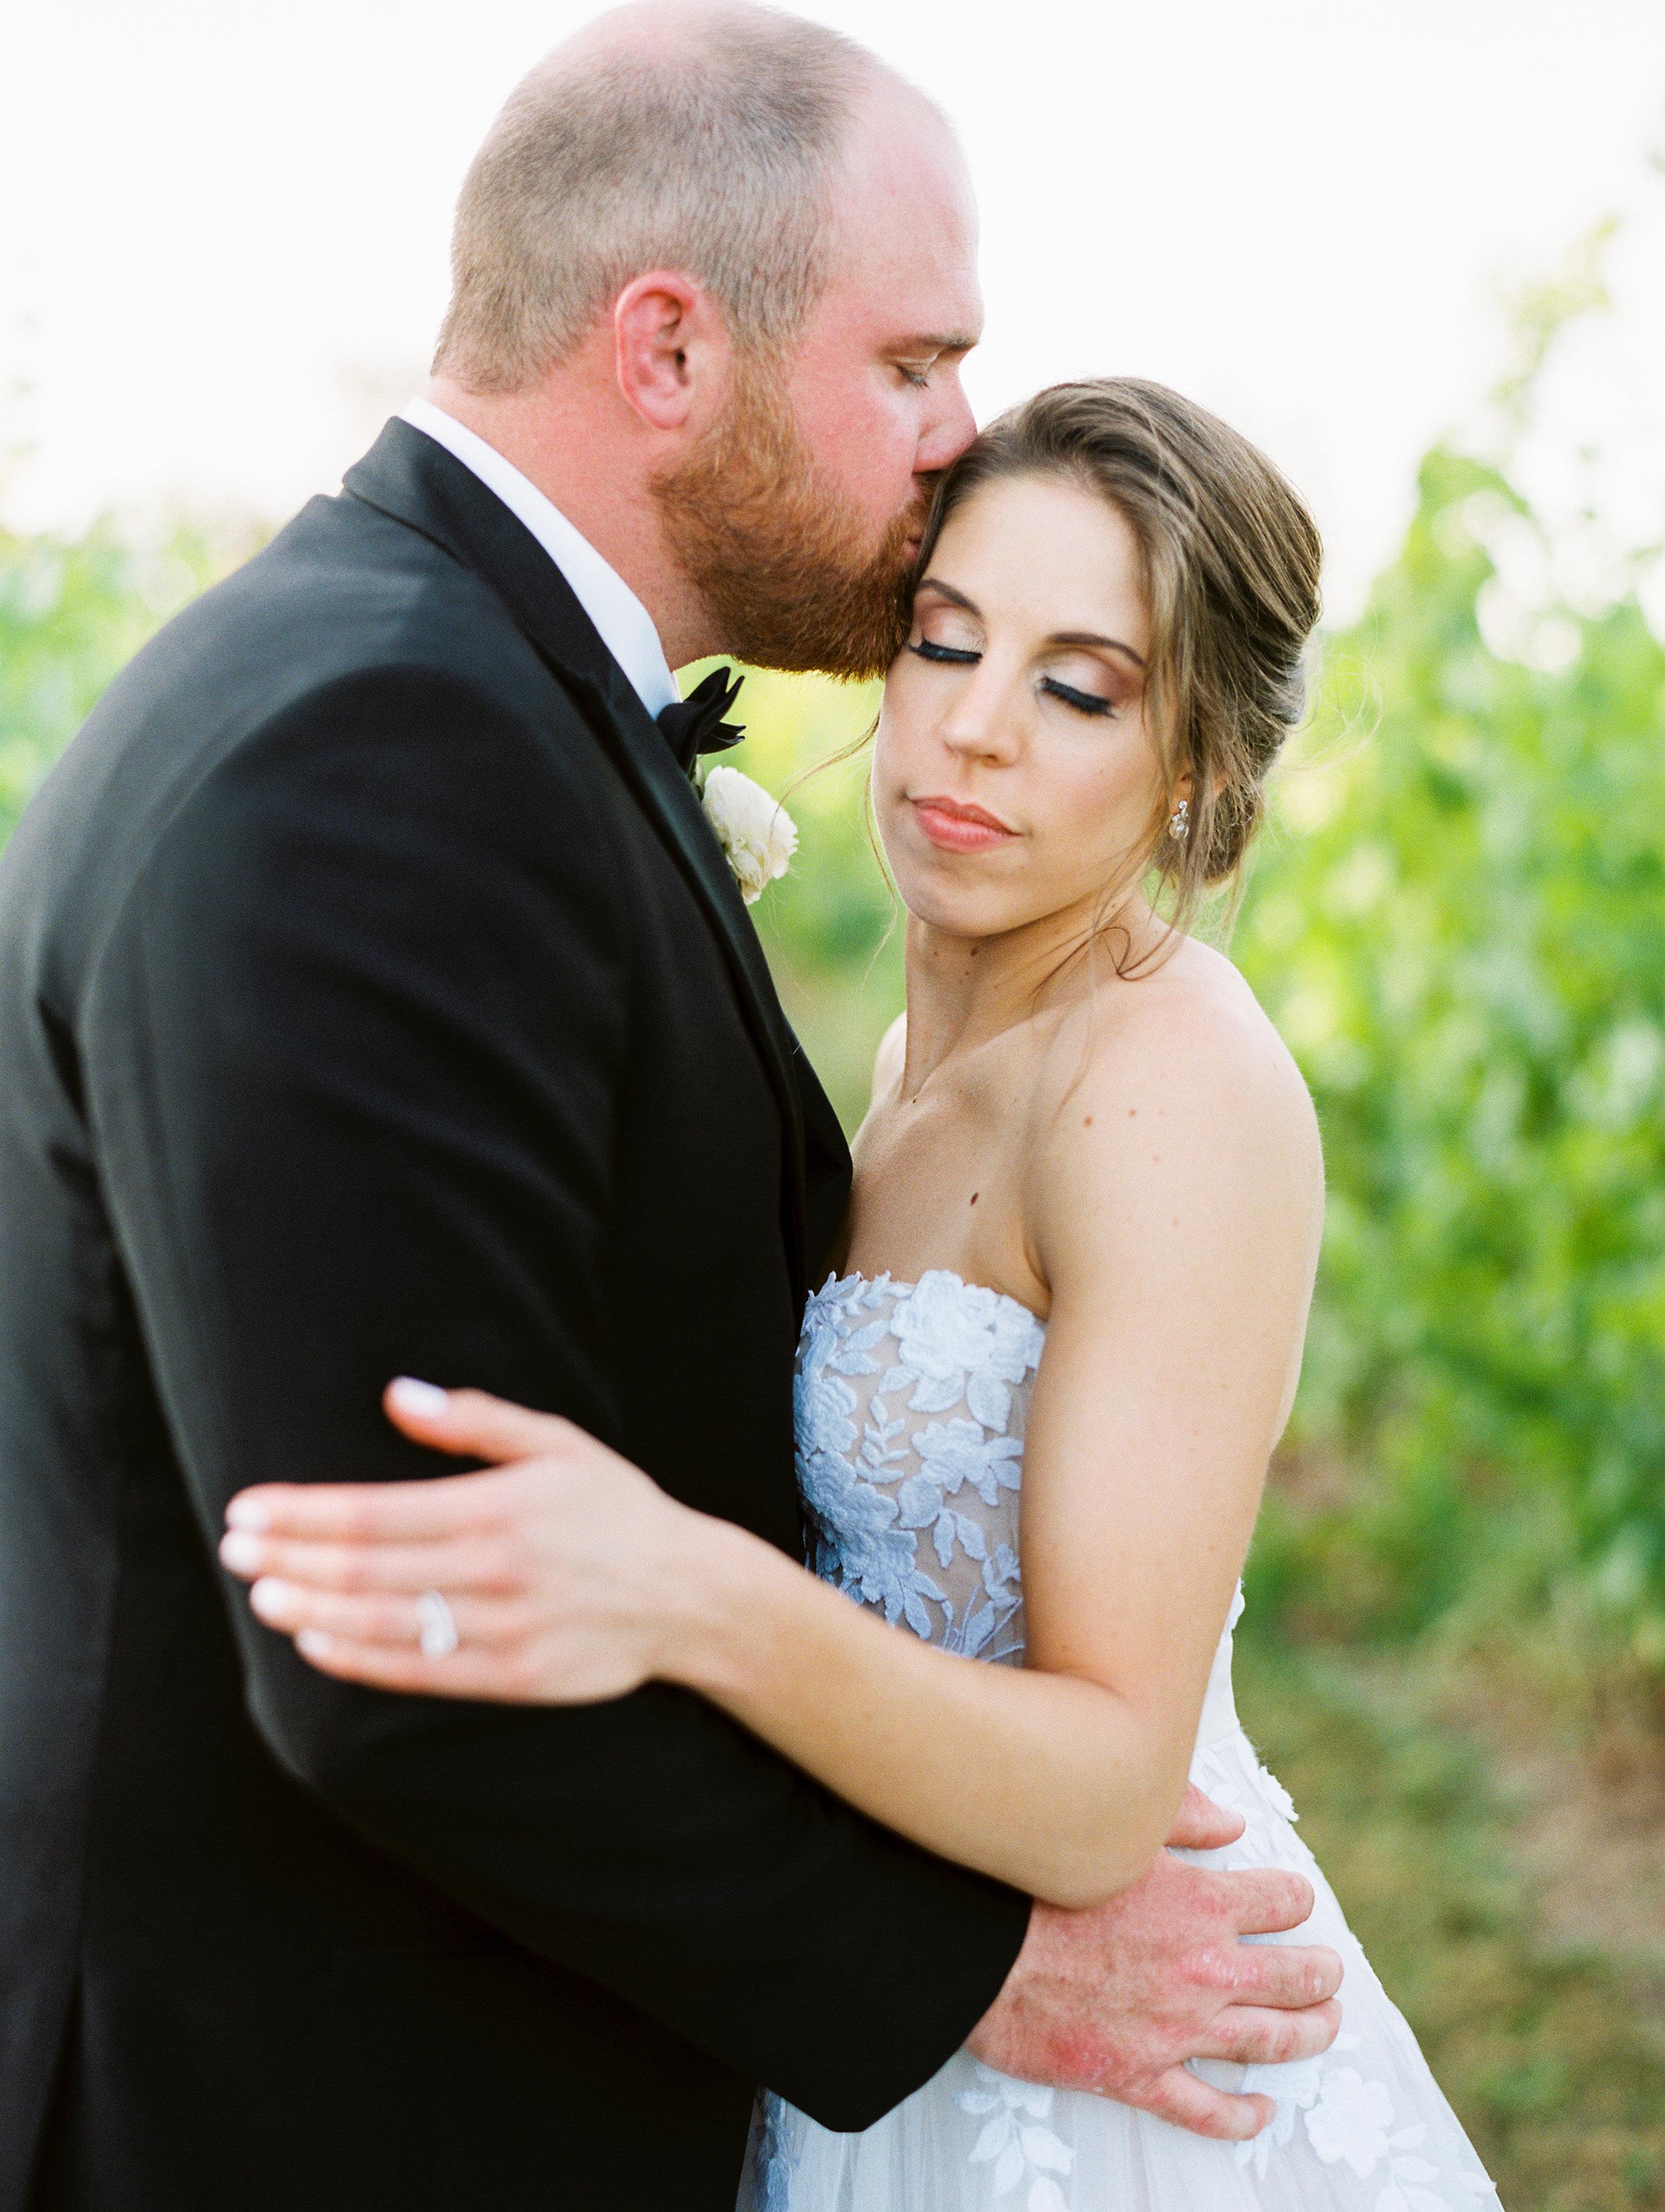 Steinlage+Wedding+Reception+Bride+Groom-69.jpg